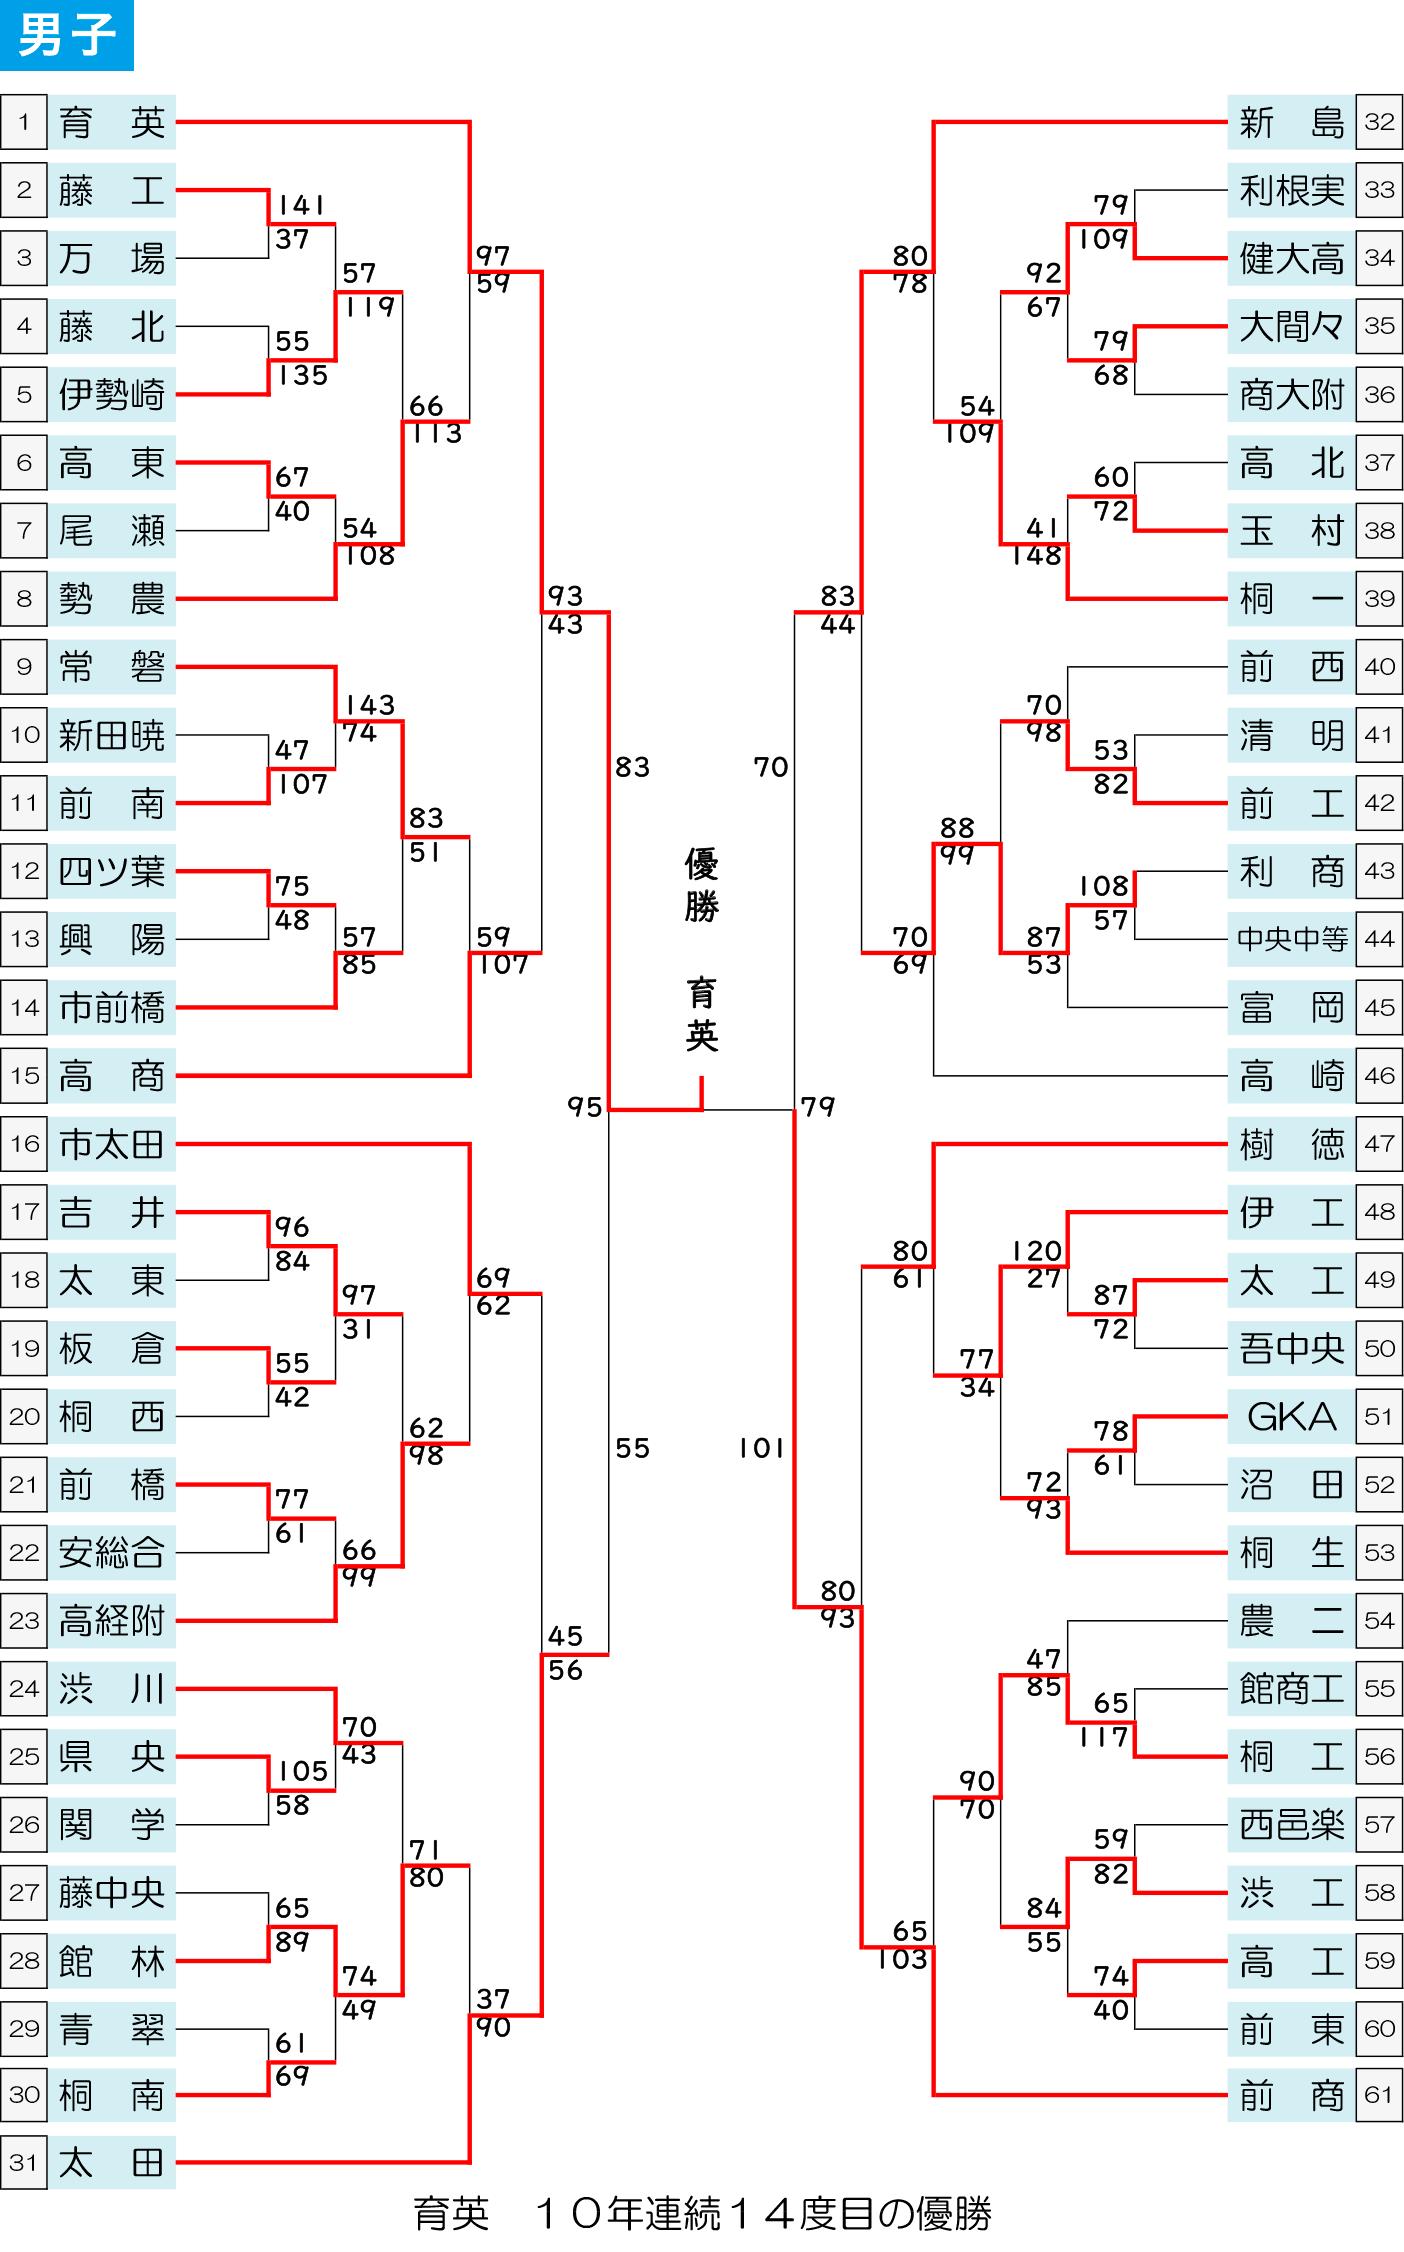 2019年度 ウインターカップ予選 - 大会結果 男子